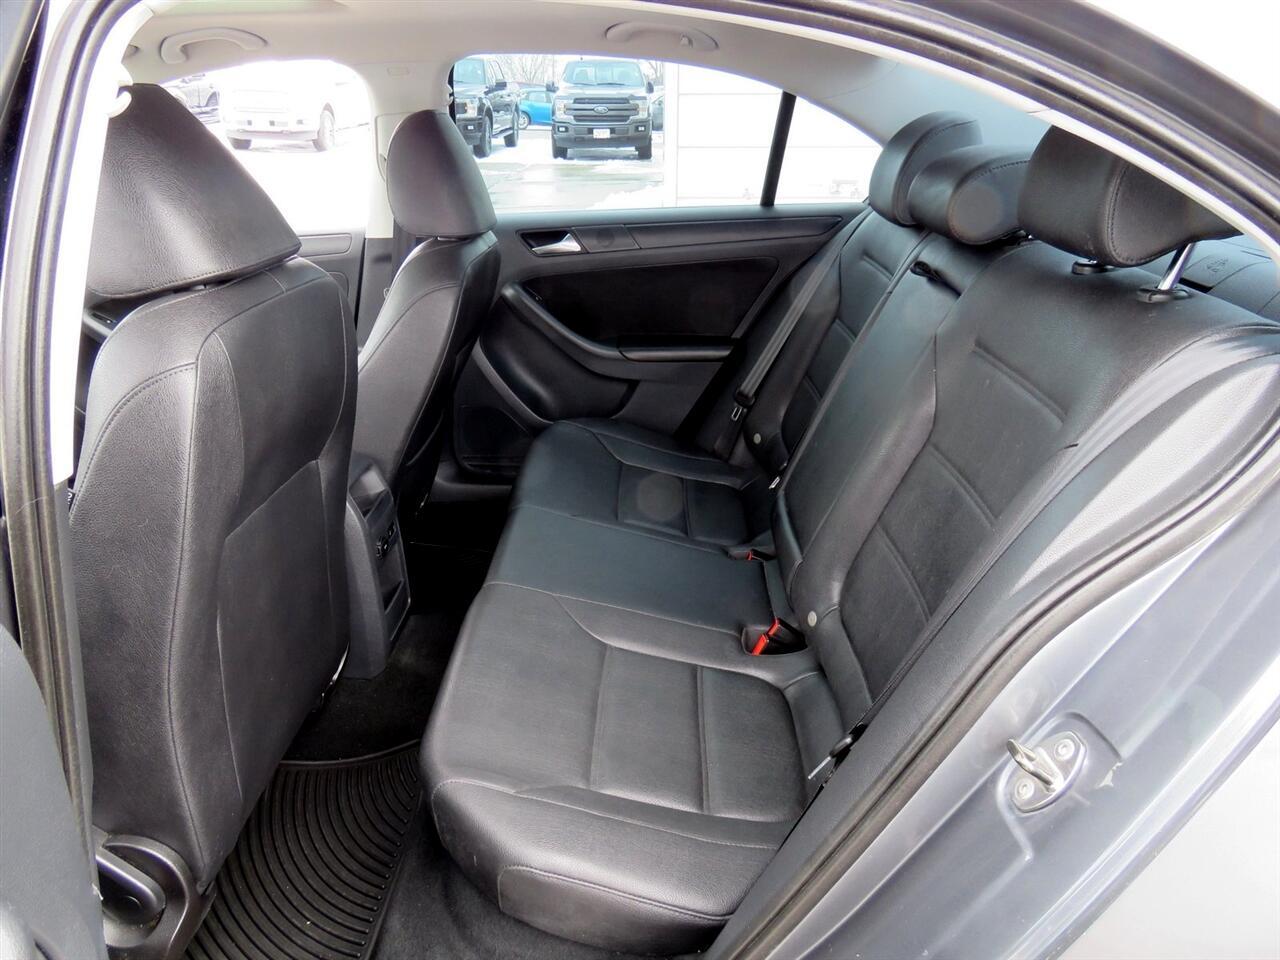 2011 Volkswagen Jetta SE Sedan